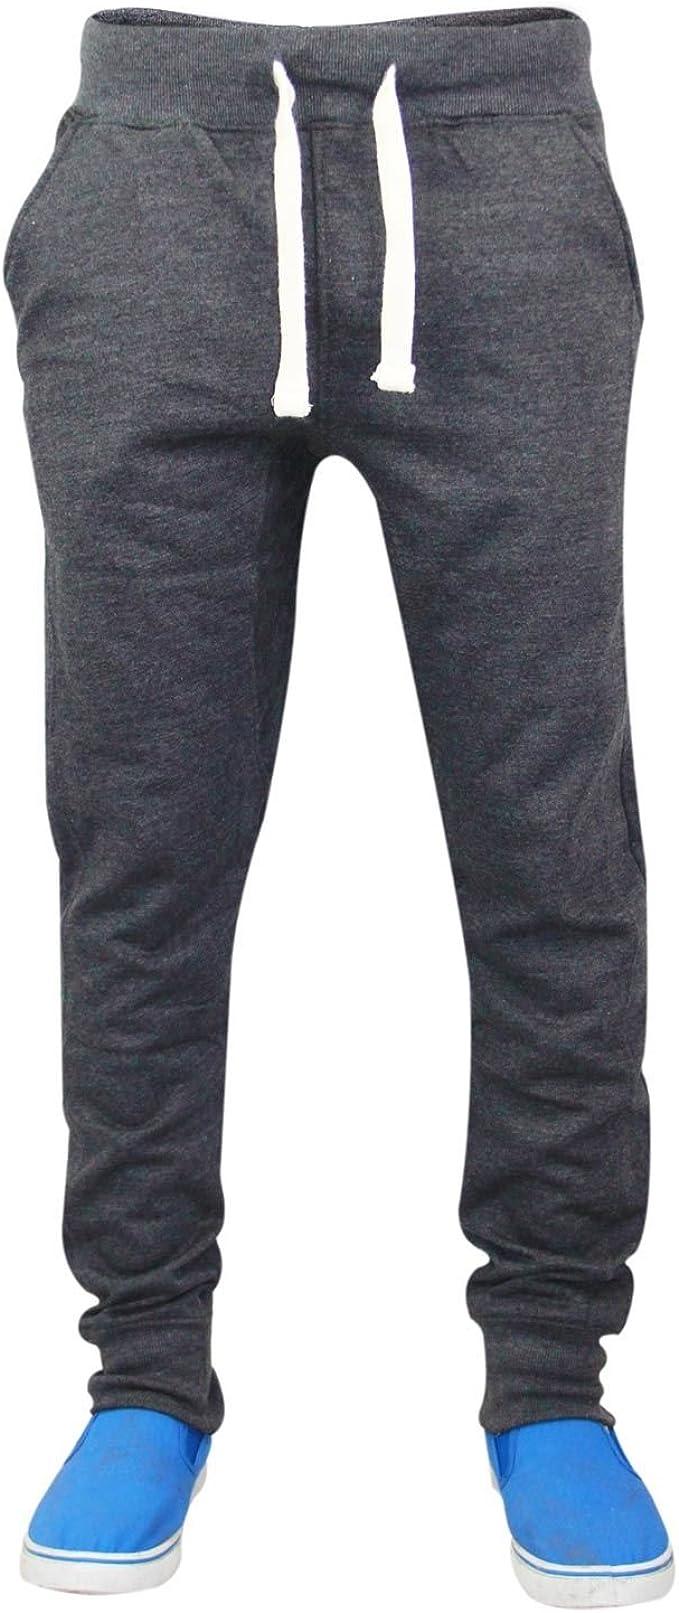 Genetic Apparel Hombres Curvado Pierna Pantalones de Deporte ...